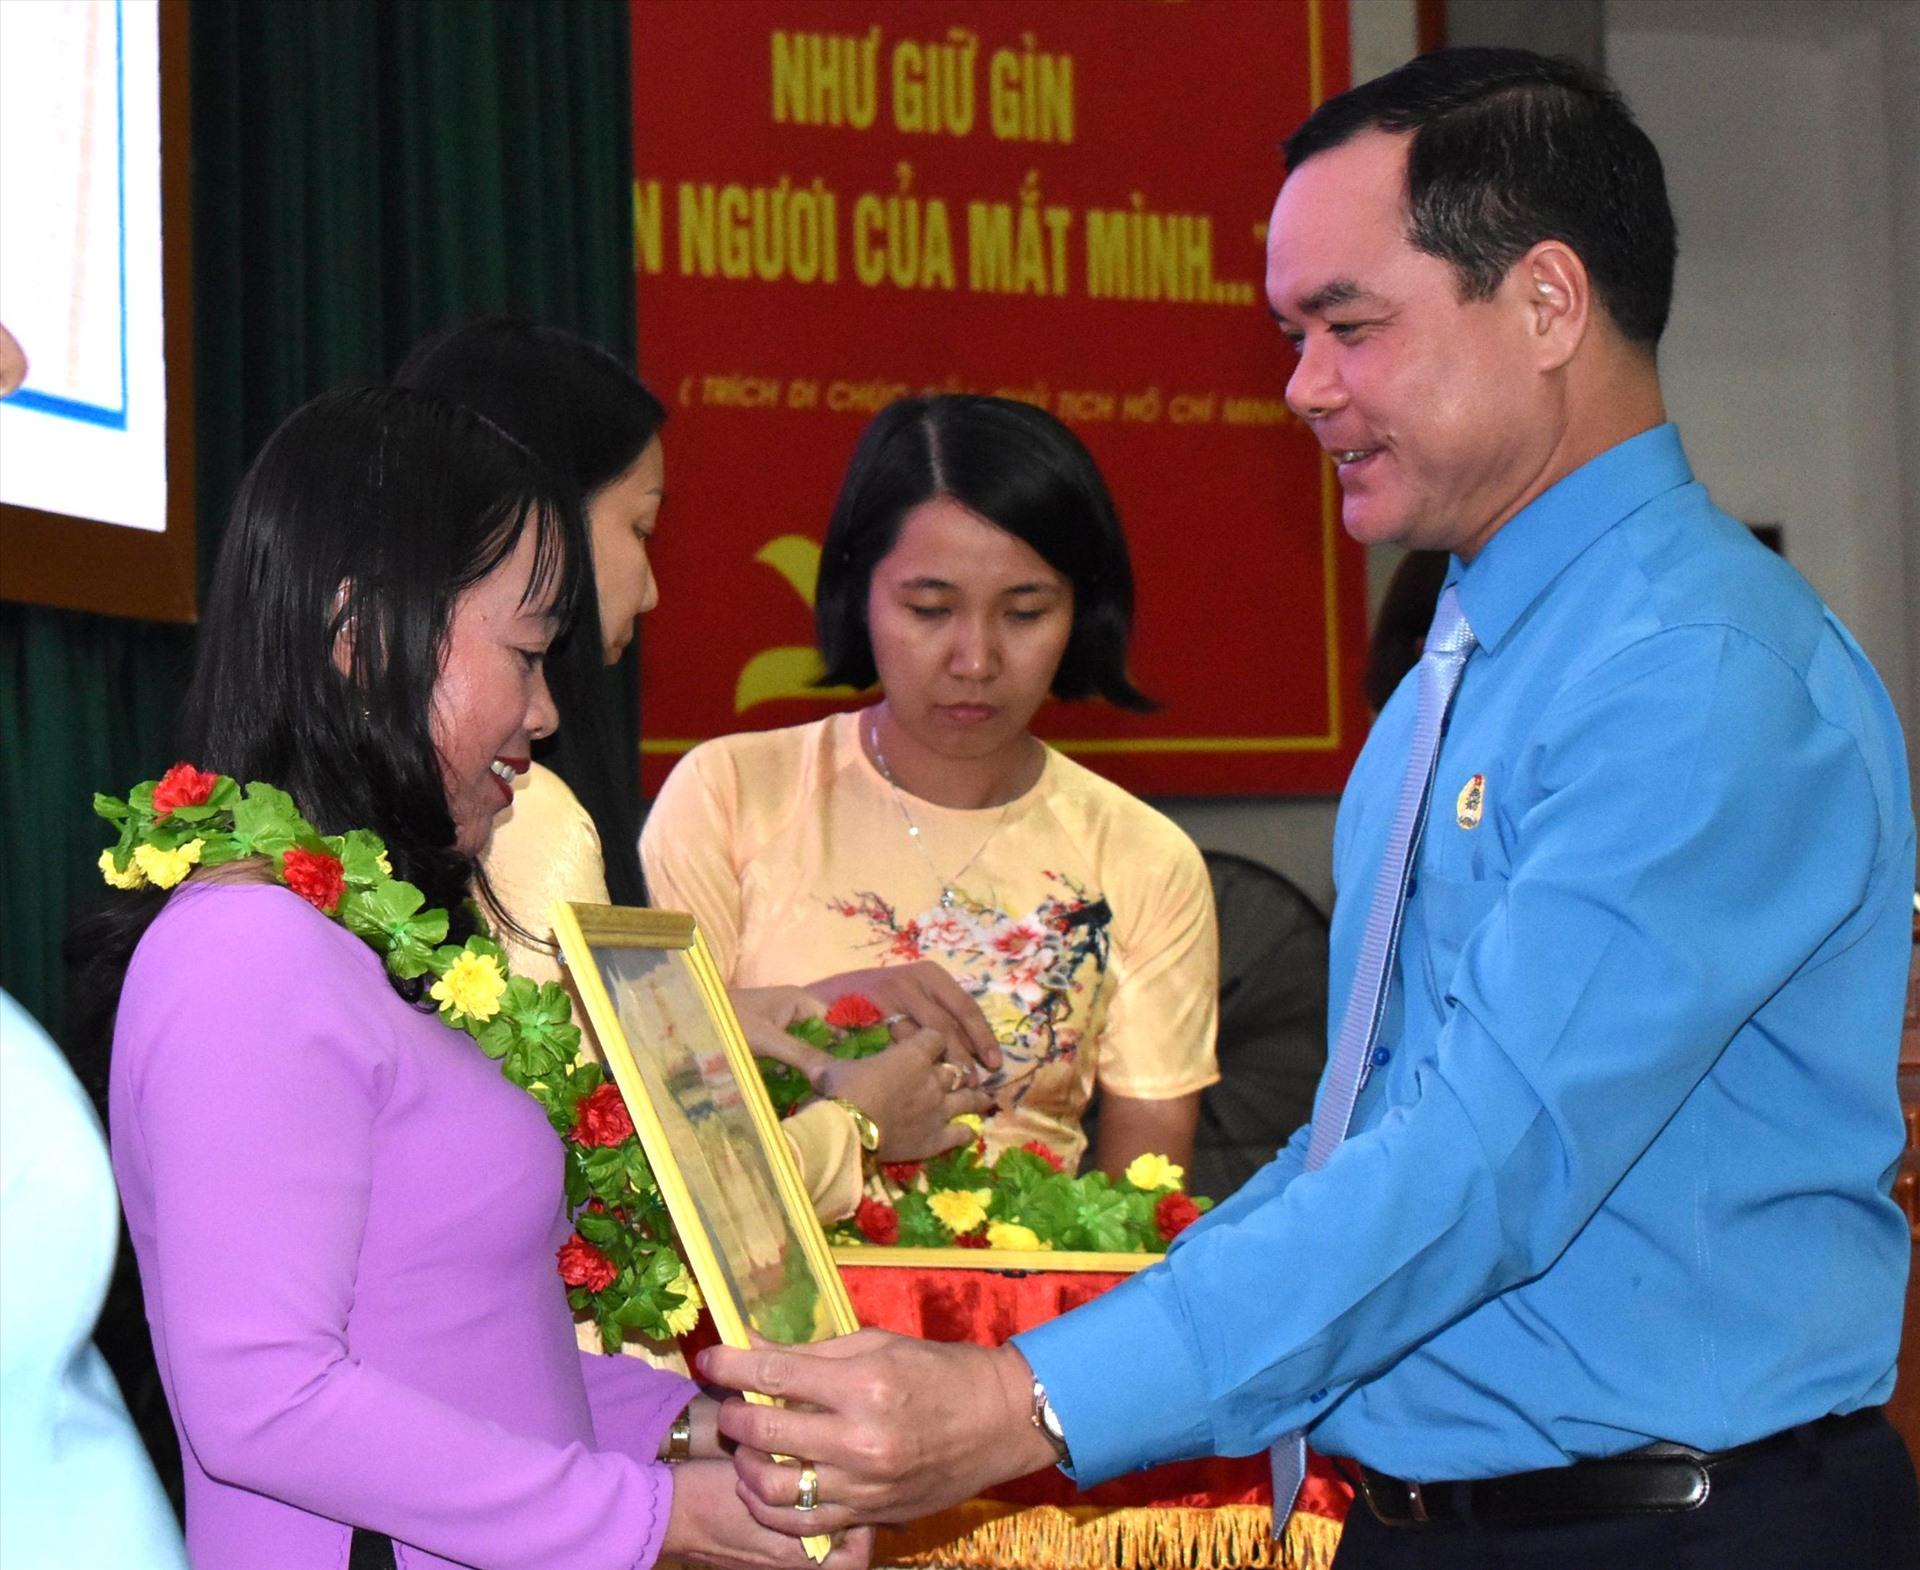 Chủ tịch Tổng LĐLĐ Việt Nam Nguyễn Đình Khang trao bằng cho cá nhân và tập thể có thành tích xuất sắc. Ảnh: Thành Nhân